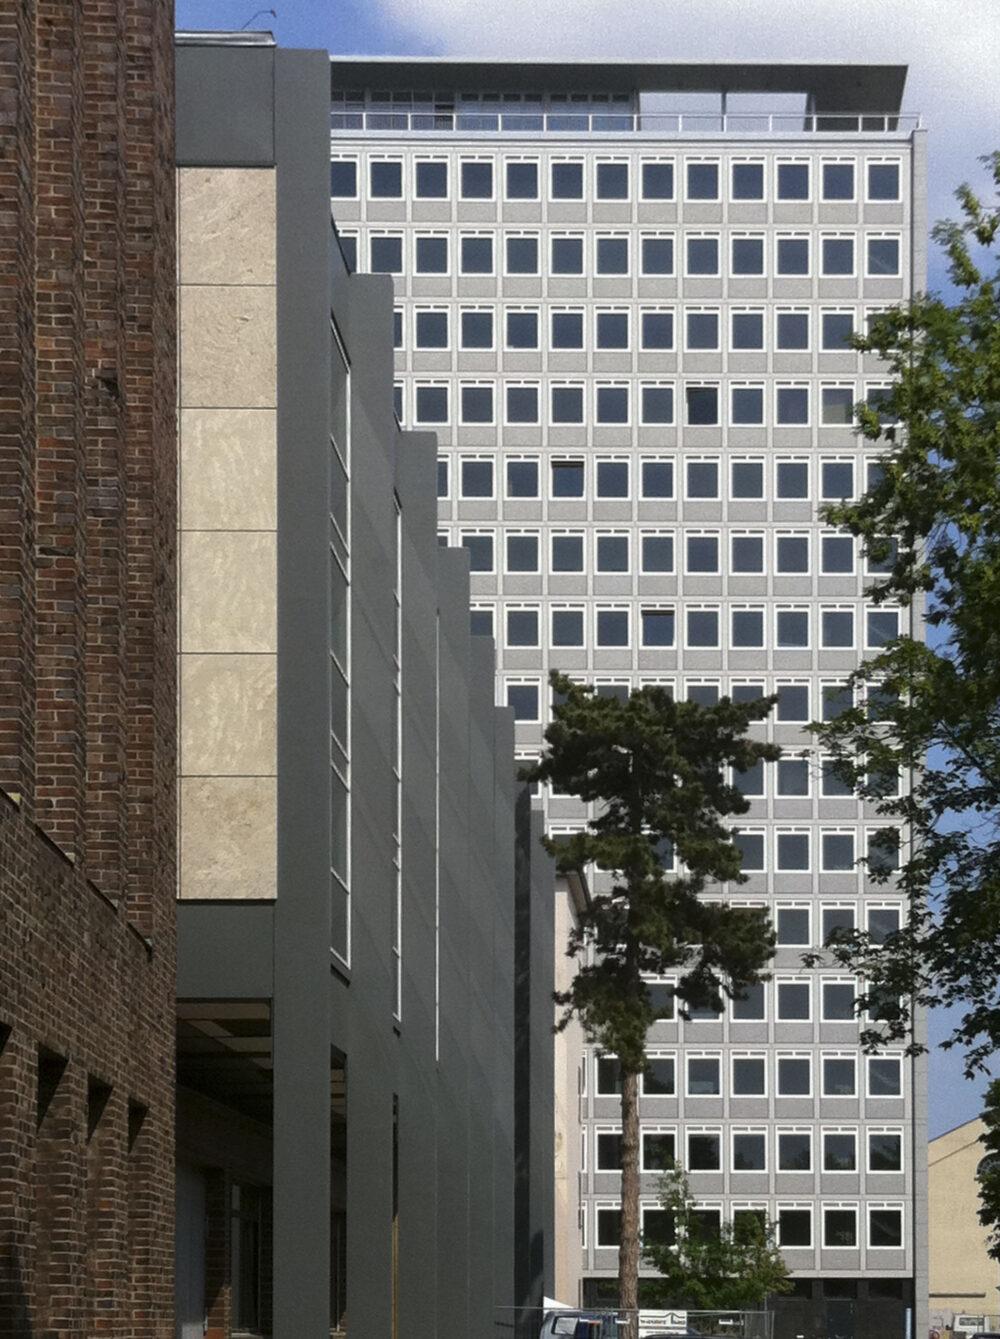 Okerhochhaus der TU Carolo-Wilhelmina zu Braunschweig